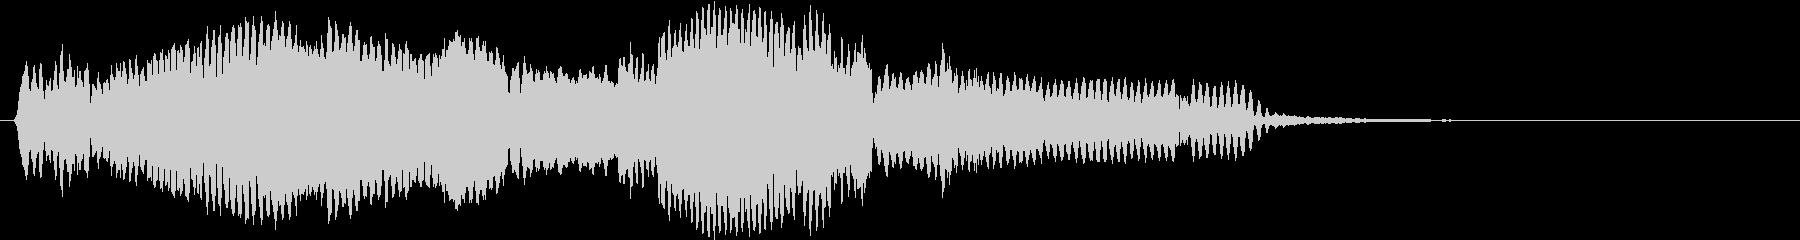 音侍SE「尺八フレーズ1」エニグマ音09の未再生の波形